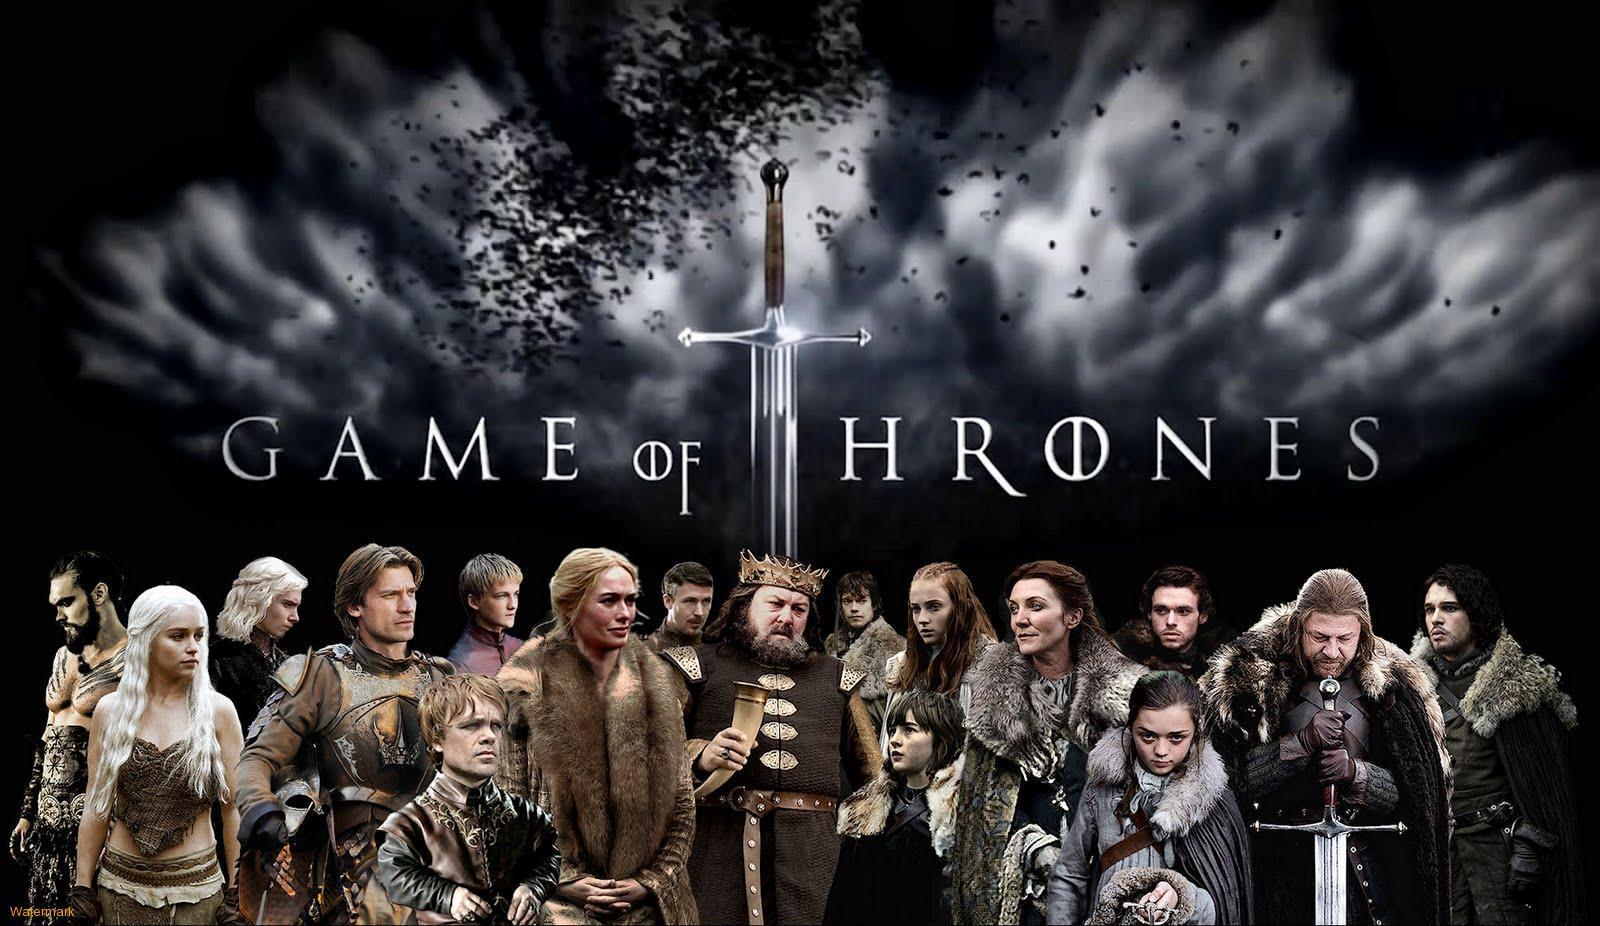 Les 5 saisons de Game of Thrones résumées en 7 minutes